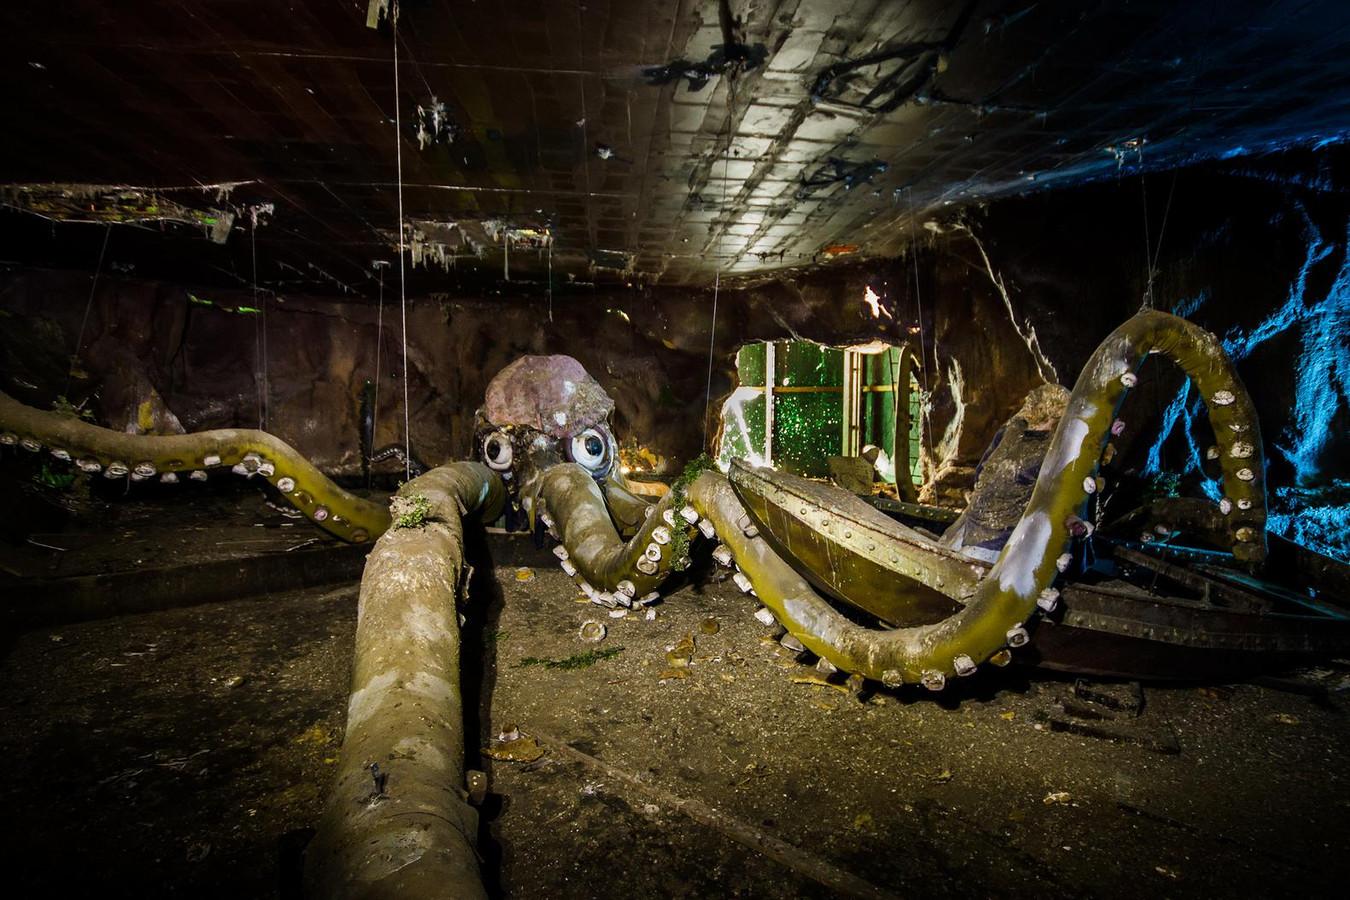 Het voormalige attractie-eiland staat al enige tijd leeg en verkeert in erbarmelijke staat. En dat levert spookachtige beelden op.